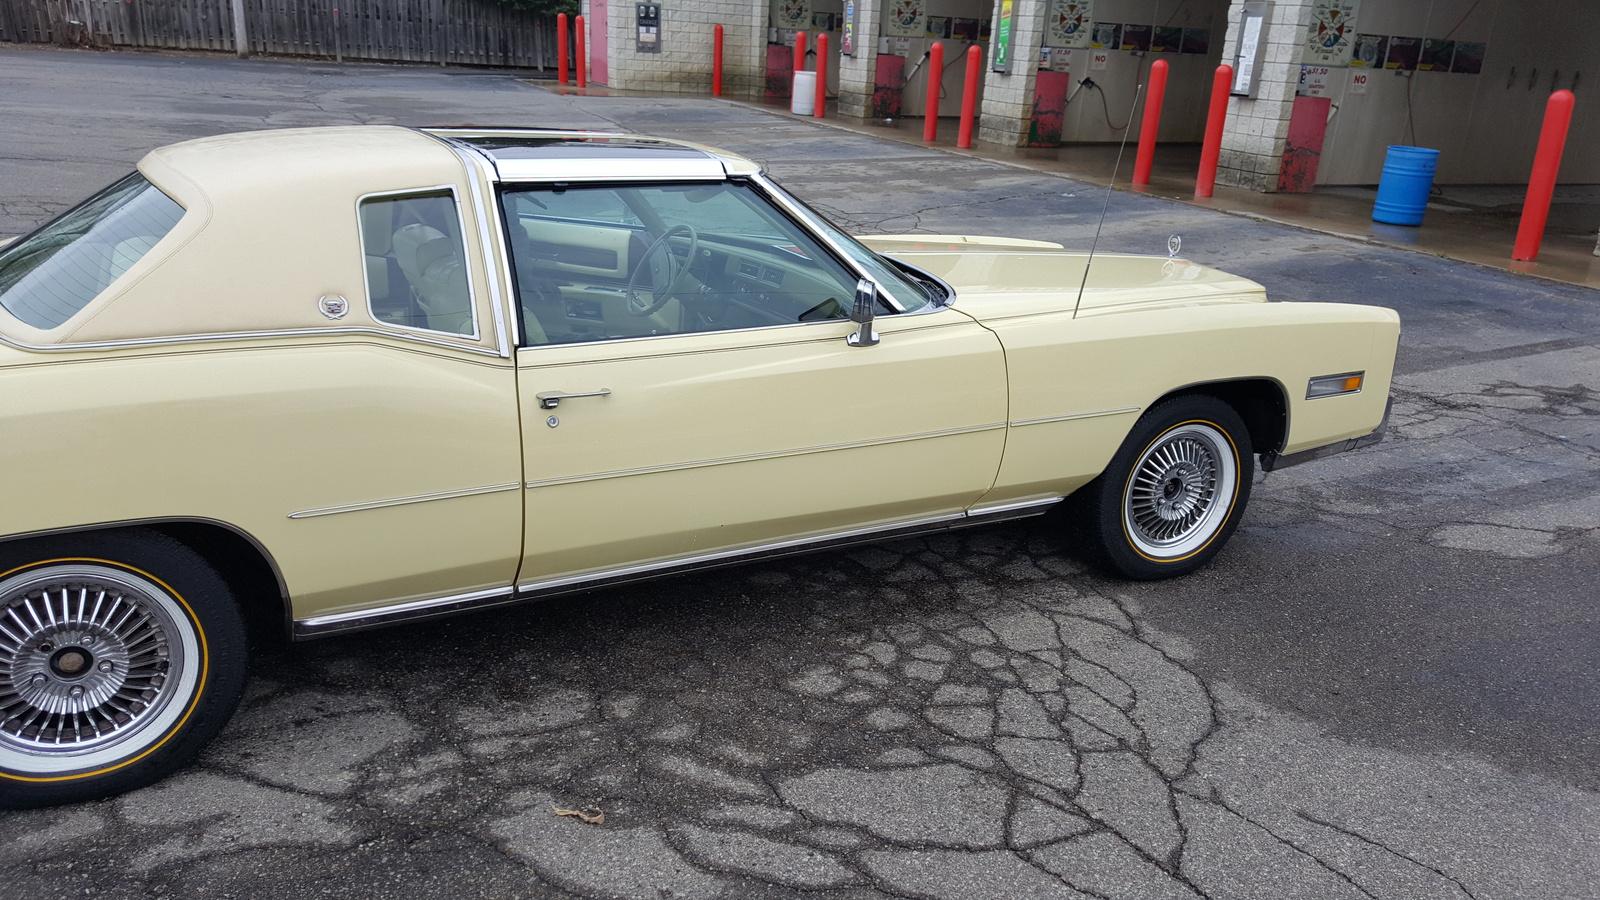 sportback hatchback portland buick me westbrook for essence regal new sale htm